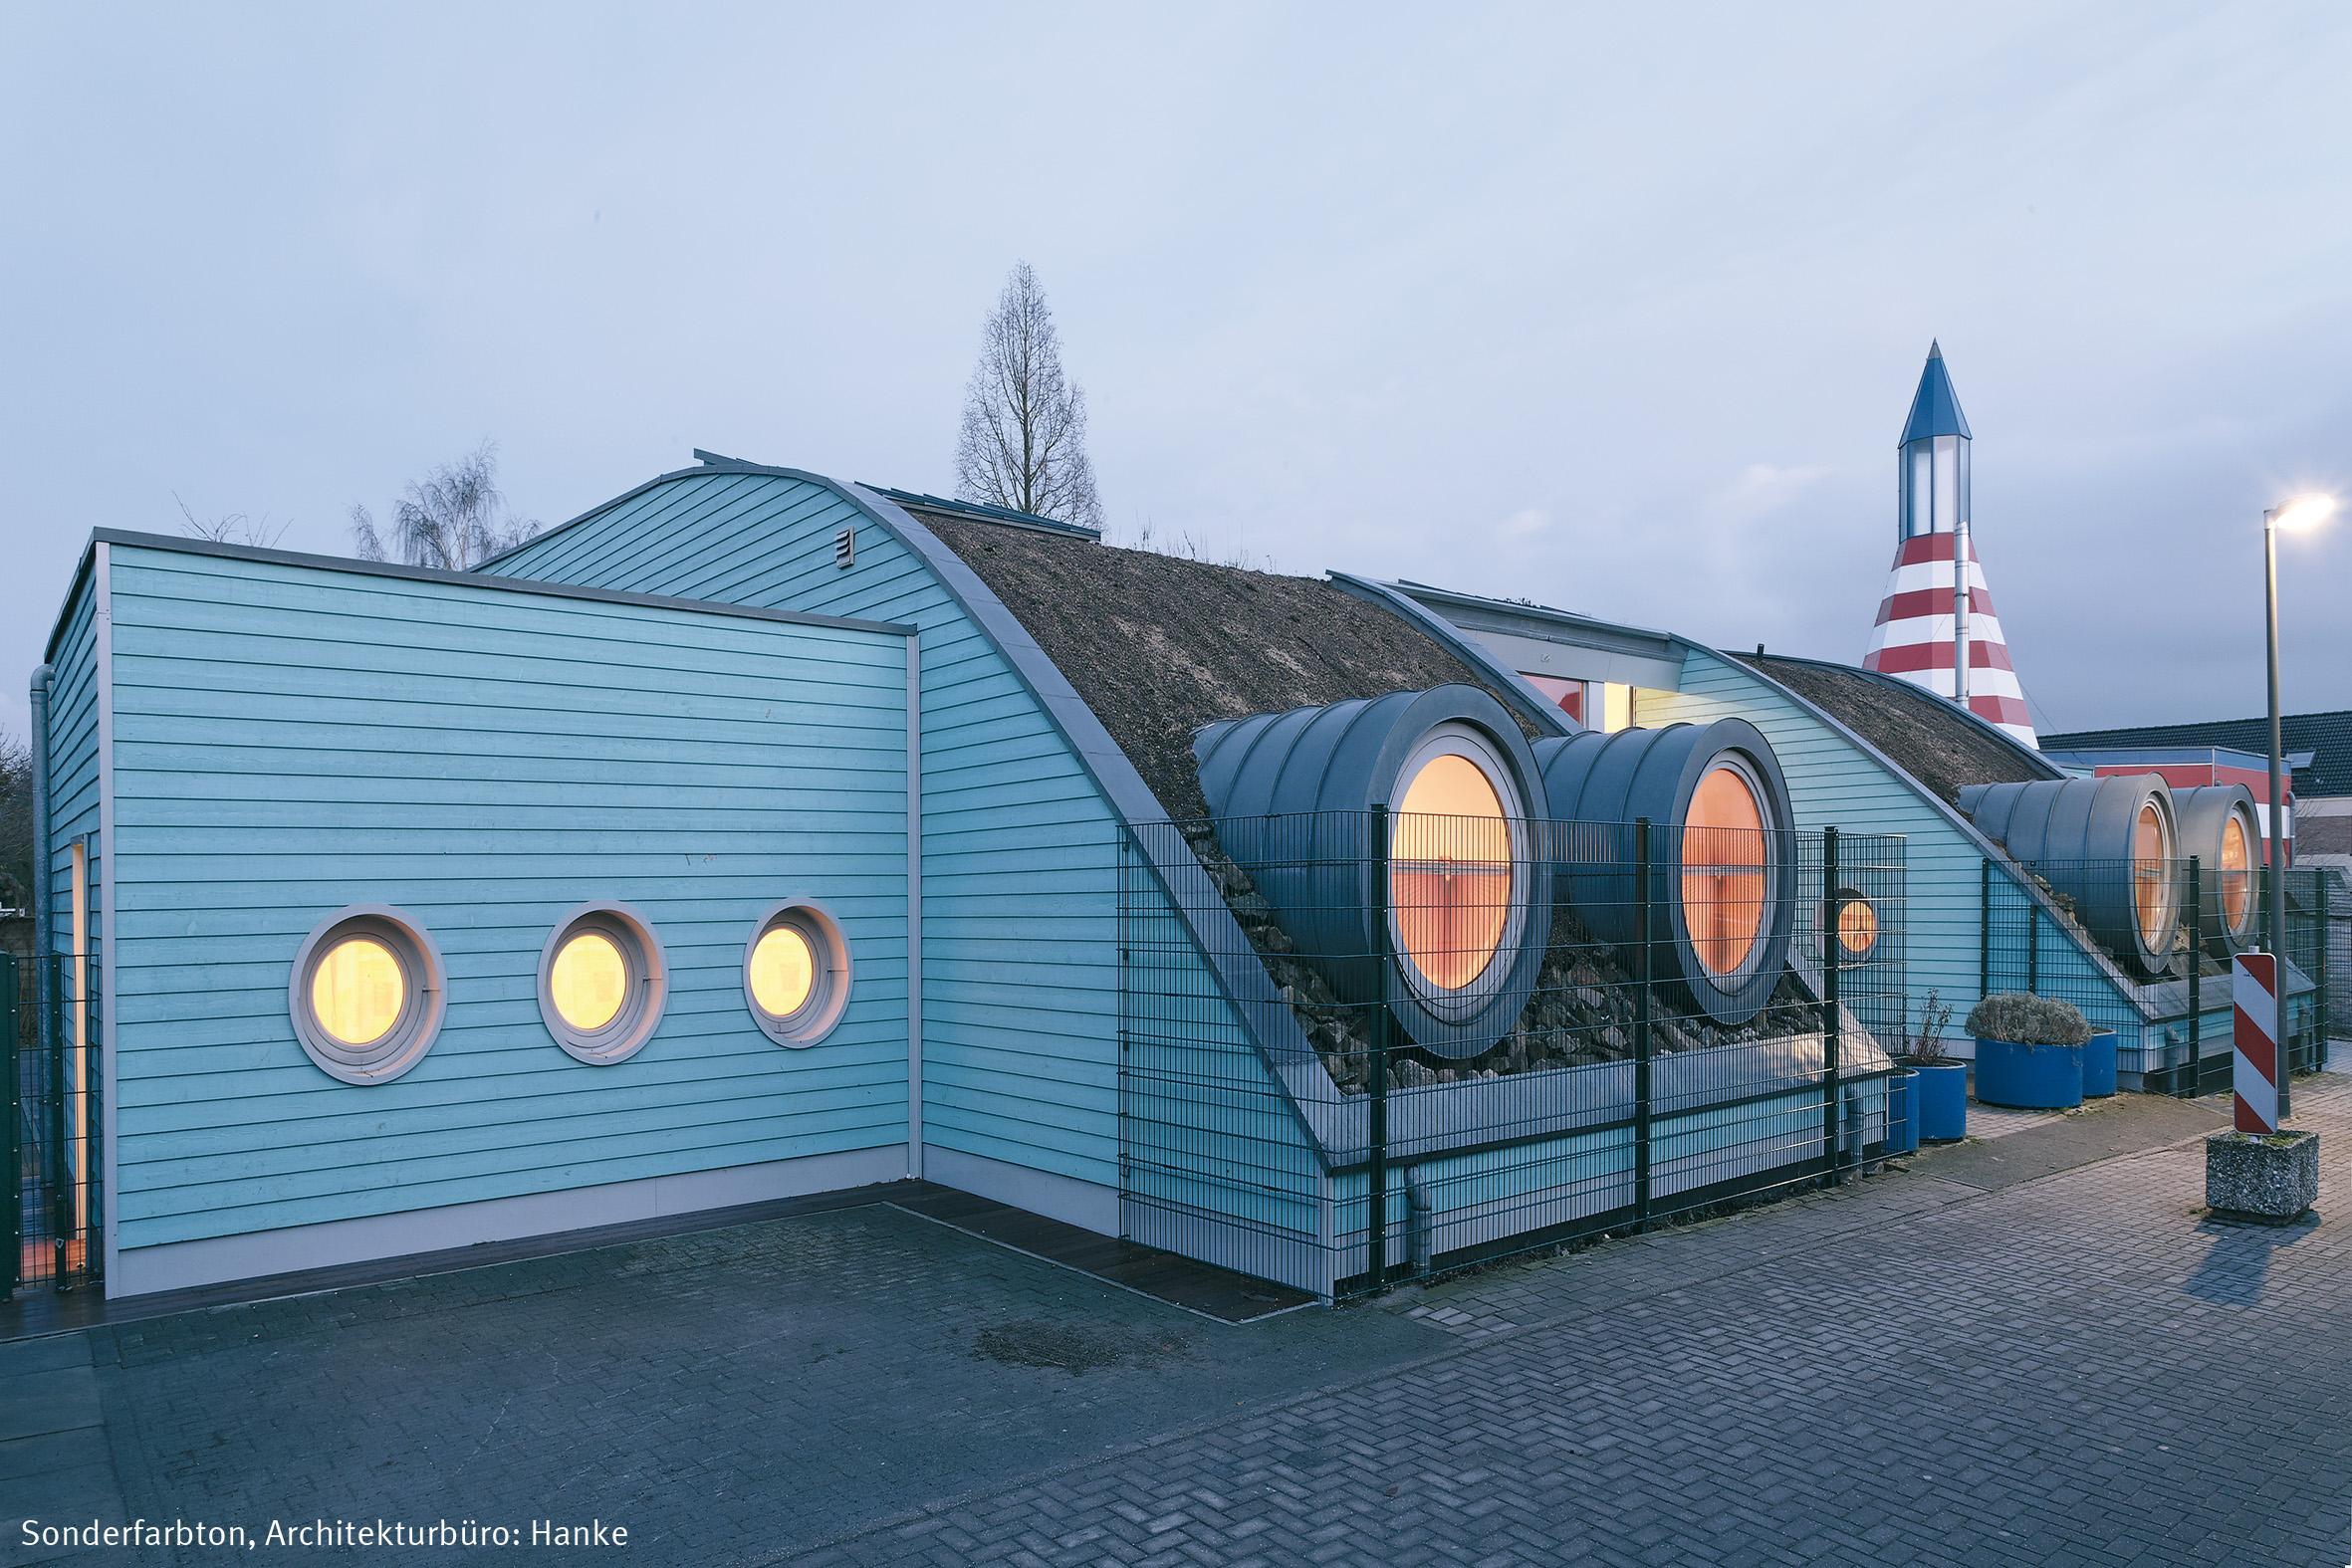 Eitelkeit Hausfassade Farbe Sammlung Von Glattkant Sonderfarbton #holzfassade #außenfassade #fassade ©franz Habisreutinger